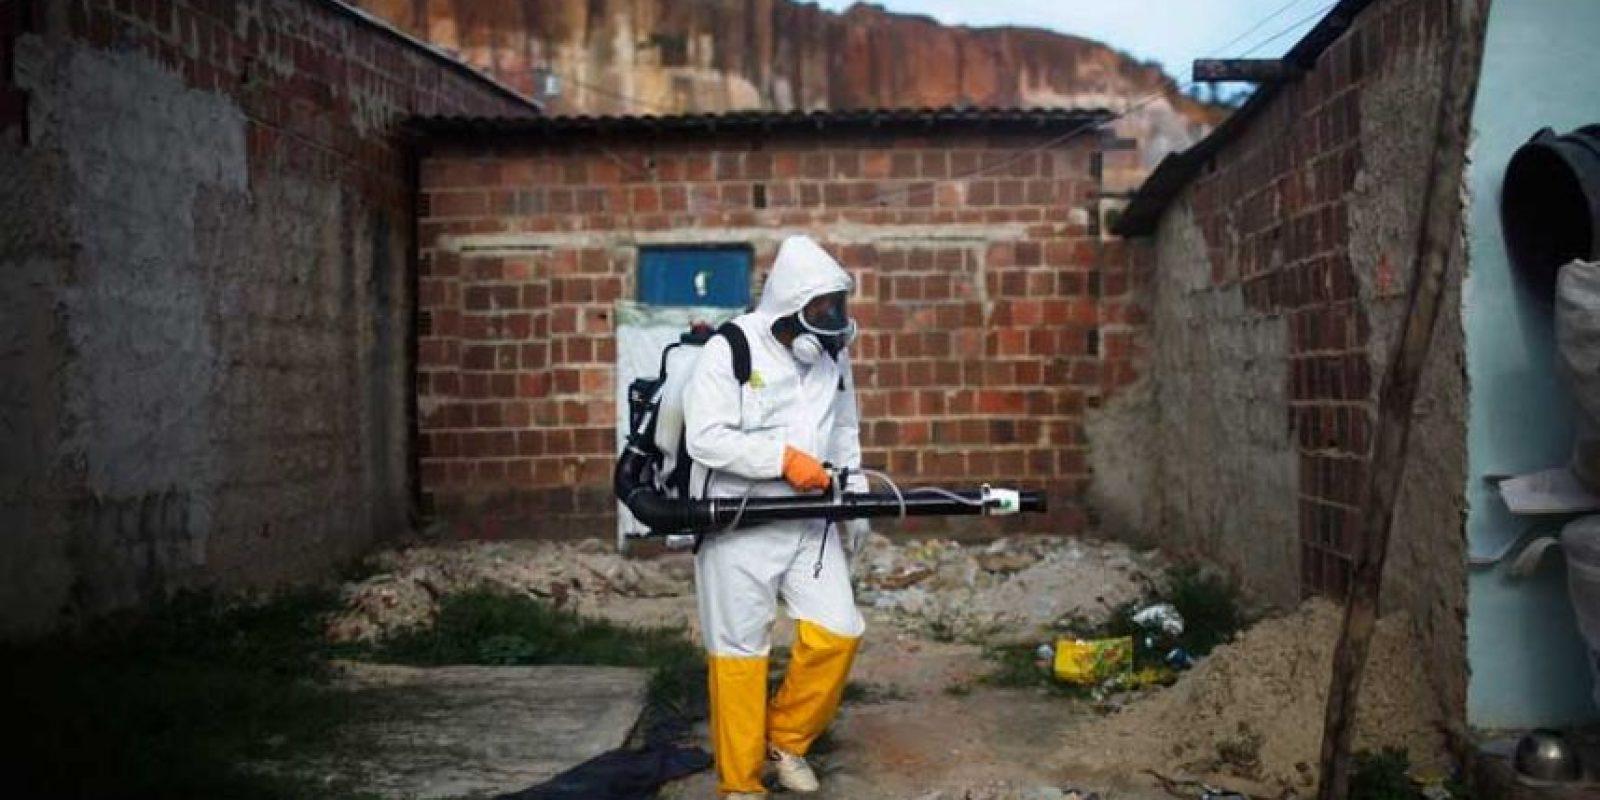 Brasil está en alerta sanitaria no sólo por el zika, sino también por la chikungunya y el dengue. En diciembre de 2015, la cifra de infectados por el virus del zika era de 1.58 millones, mientras que en el primer trimestre de 2016 se reportaron 90 mil casos. Foto:Getty Images. Imagen Por: